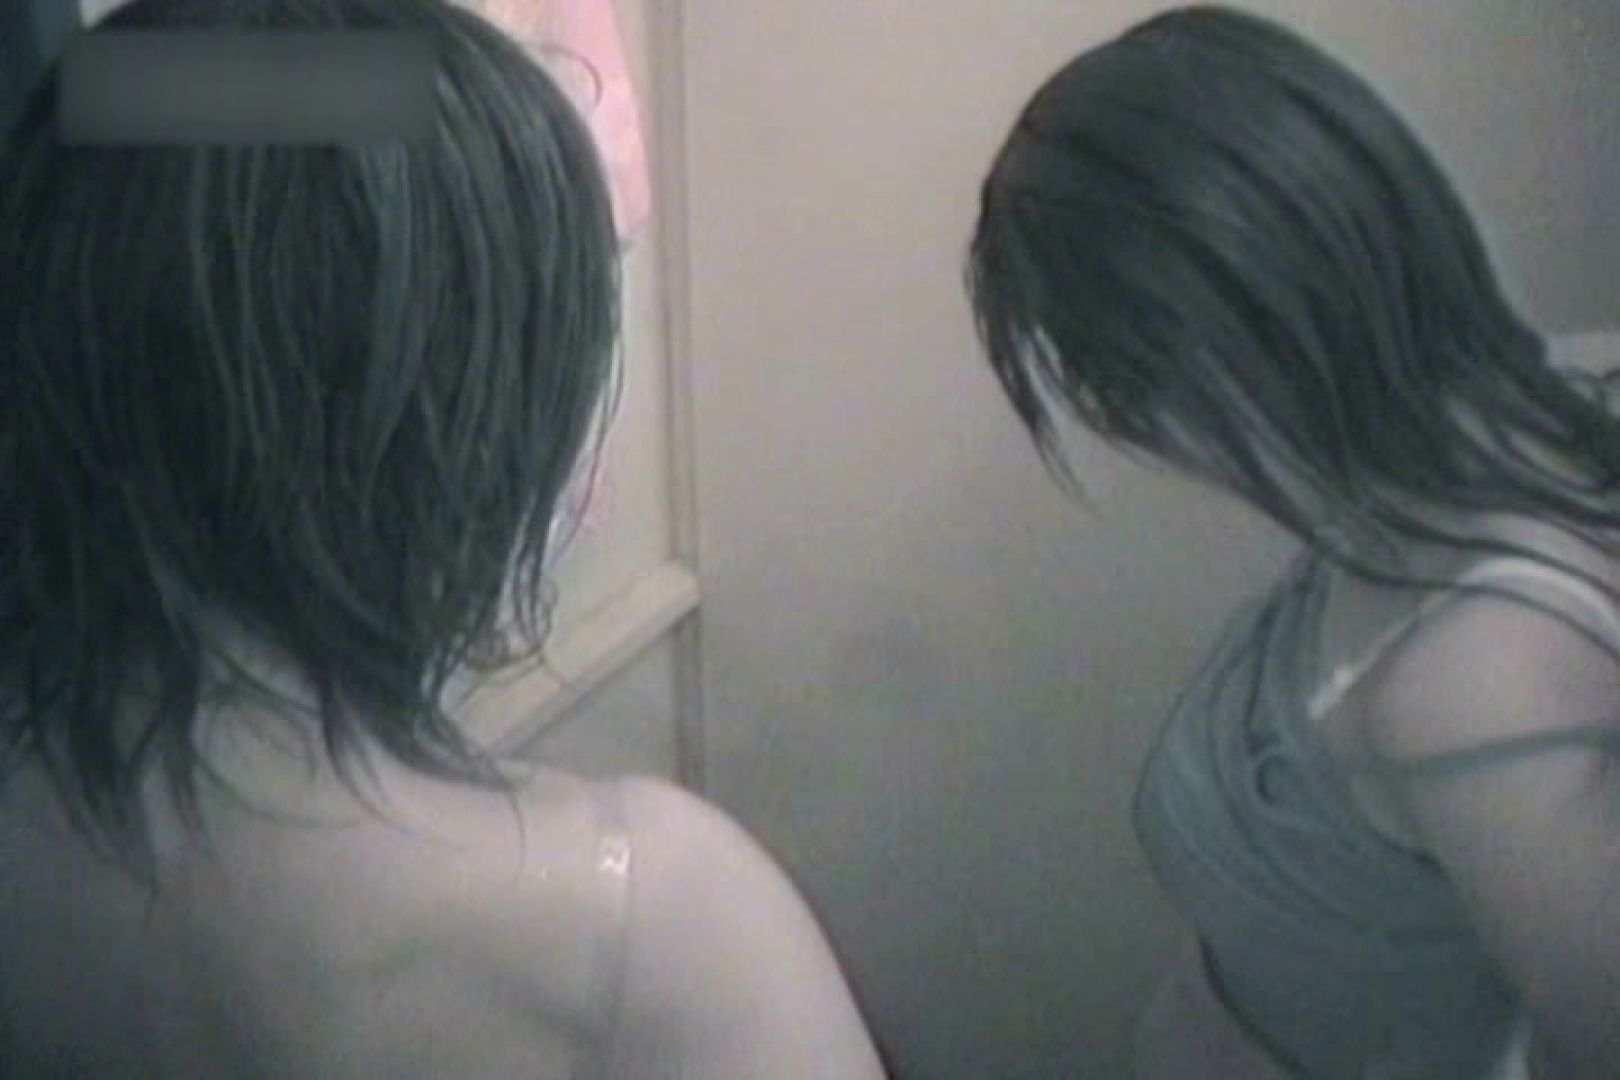 夏海シャワー室!ベトベトお肌をサラサラに!VOL.02 シャワー室 | シャワー  63PIX 16